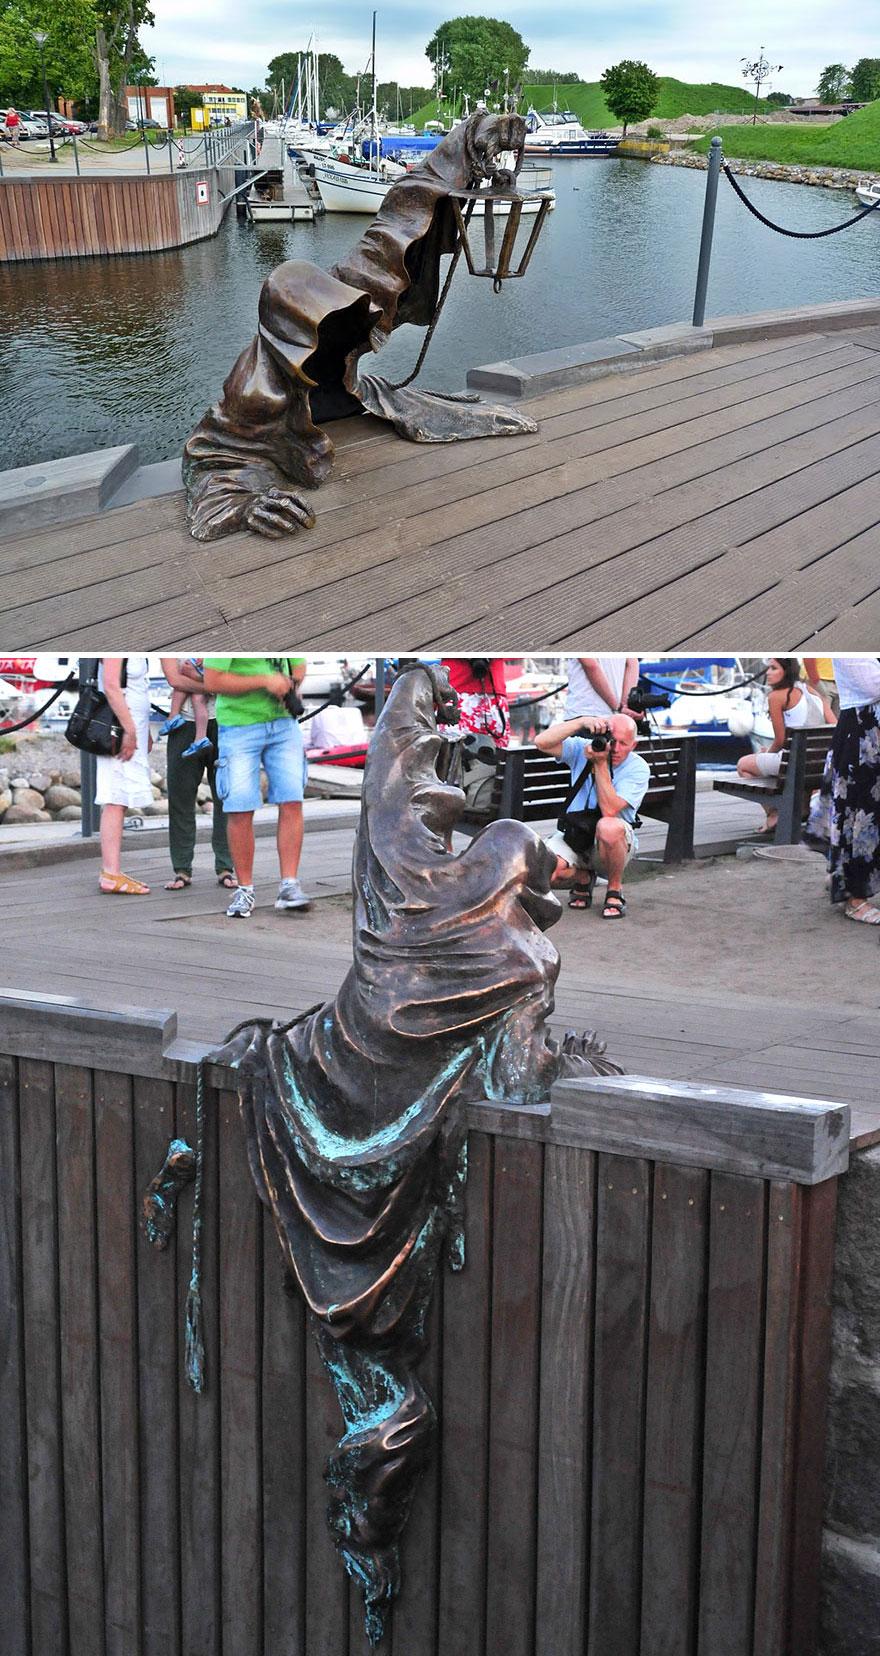 perierga.gr - Εντυπωσιακά αγάλματα στον κόσμο!